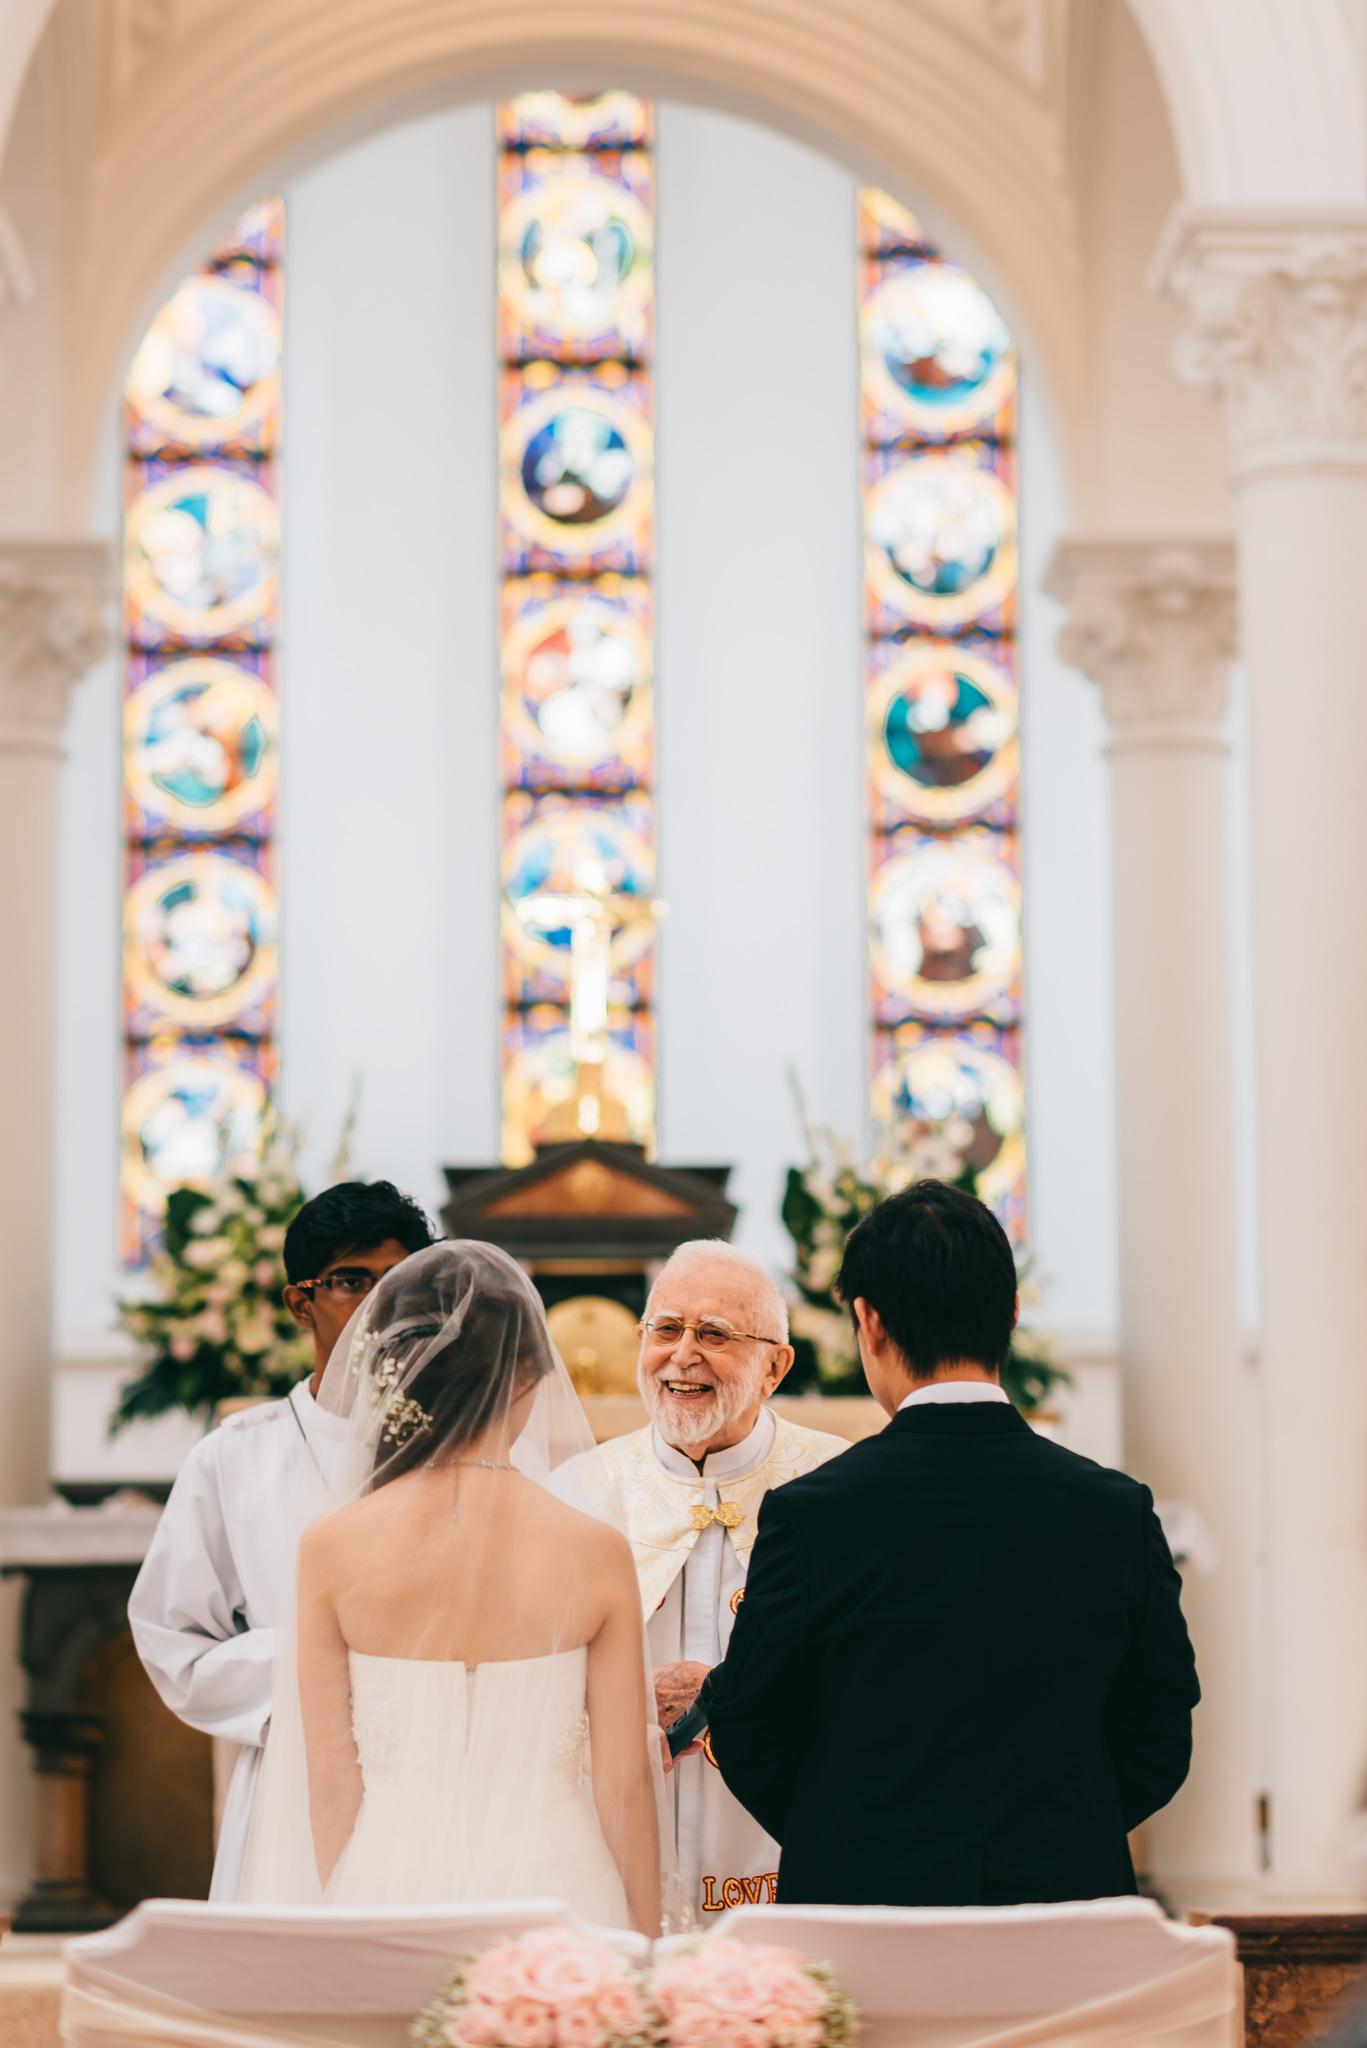 Lionel & Karen Wedding Day Highlights (resized for sharing) - 061.jpg